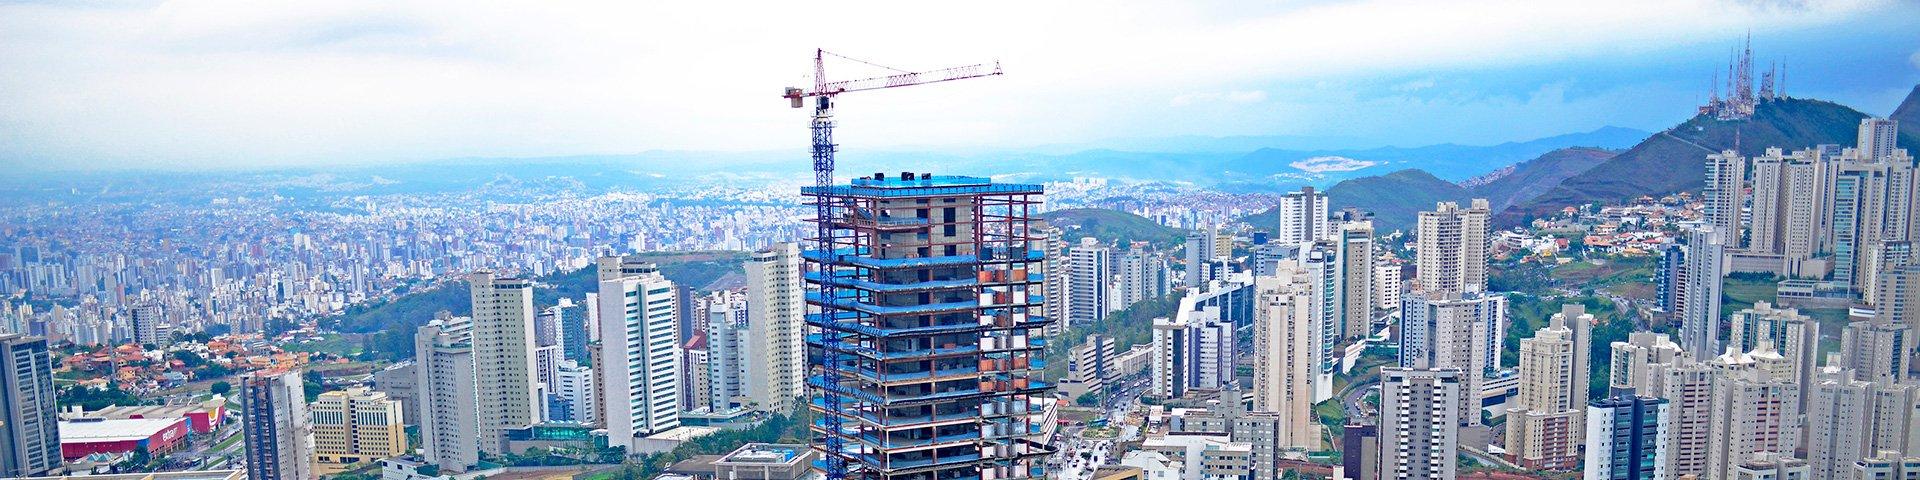 grua LIEBHERR real guindastes trabalhando em construção do edifício concórdia construtora paranasa com belo horizonte ao fundo bairro belvedere